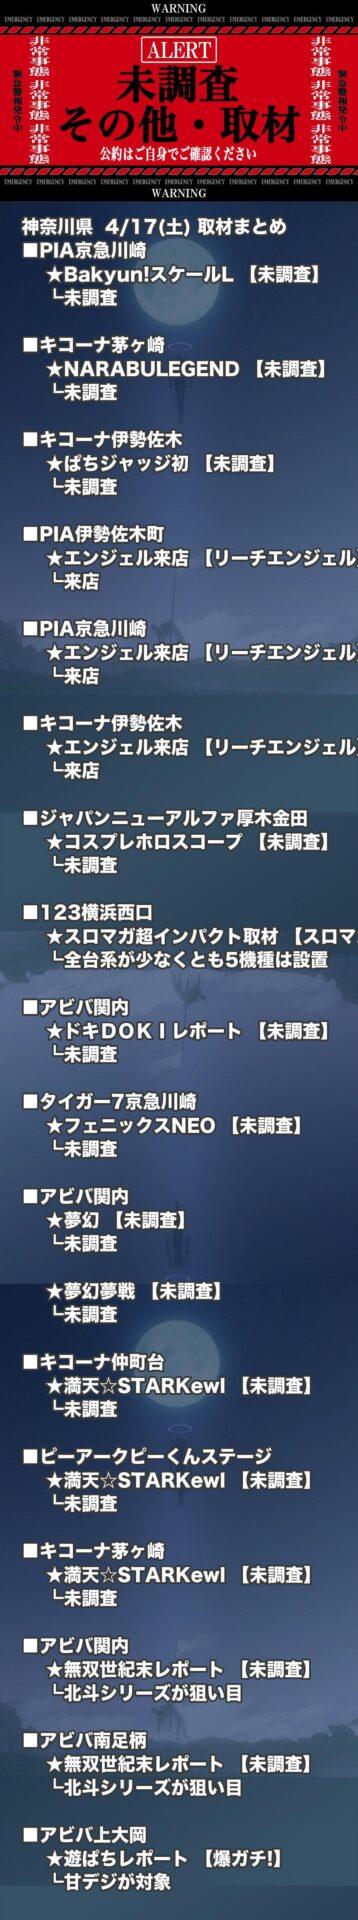 神奈川県_2021-04-17_未調査_パチンコ・パチスロ